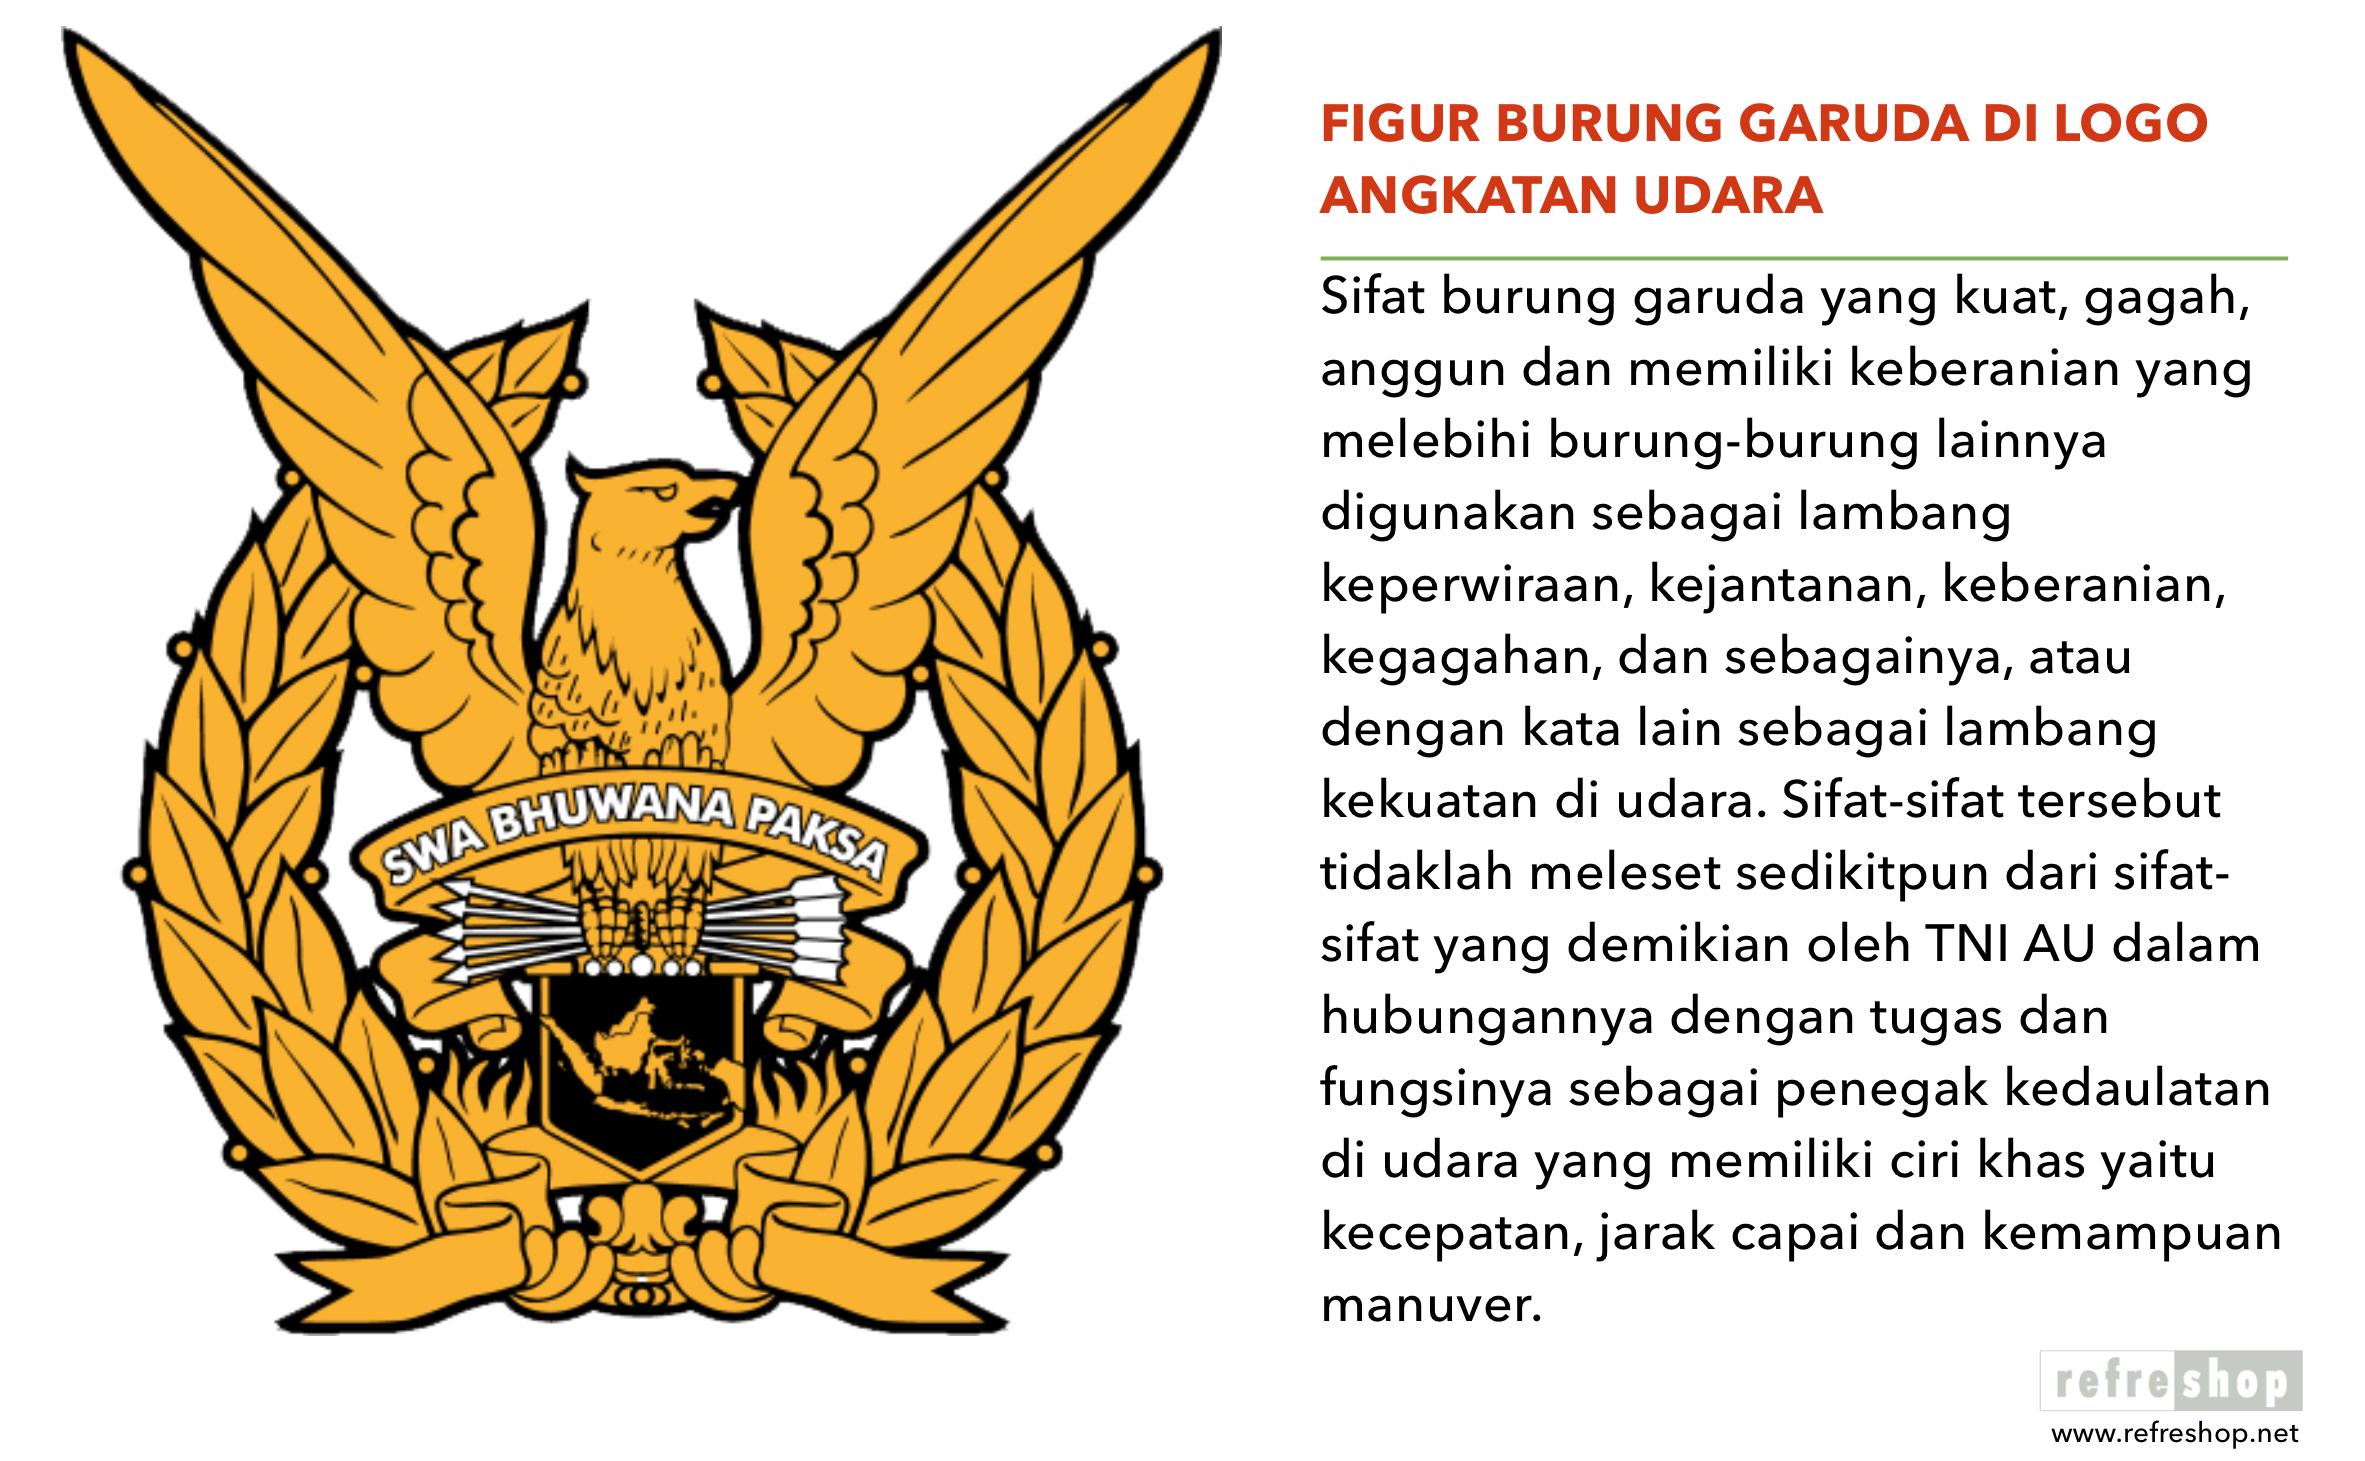 tni angkatan udara ini profil lengkapnya refreshop rh refreshop net tentara nasional indonesia angkatan udara menunjukkan taringnya Malaysian Air Force